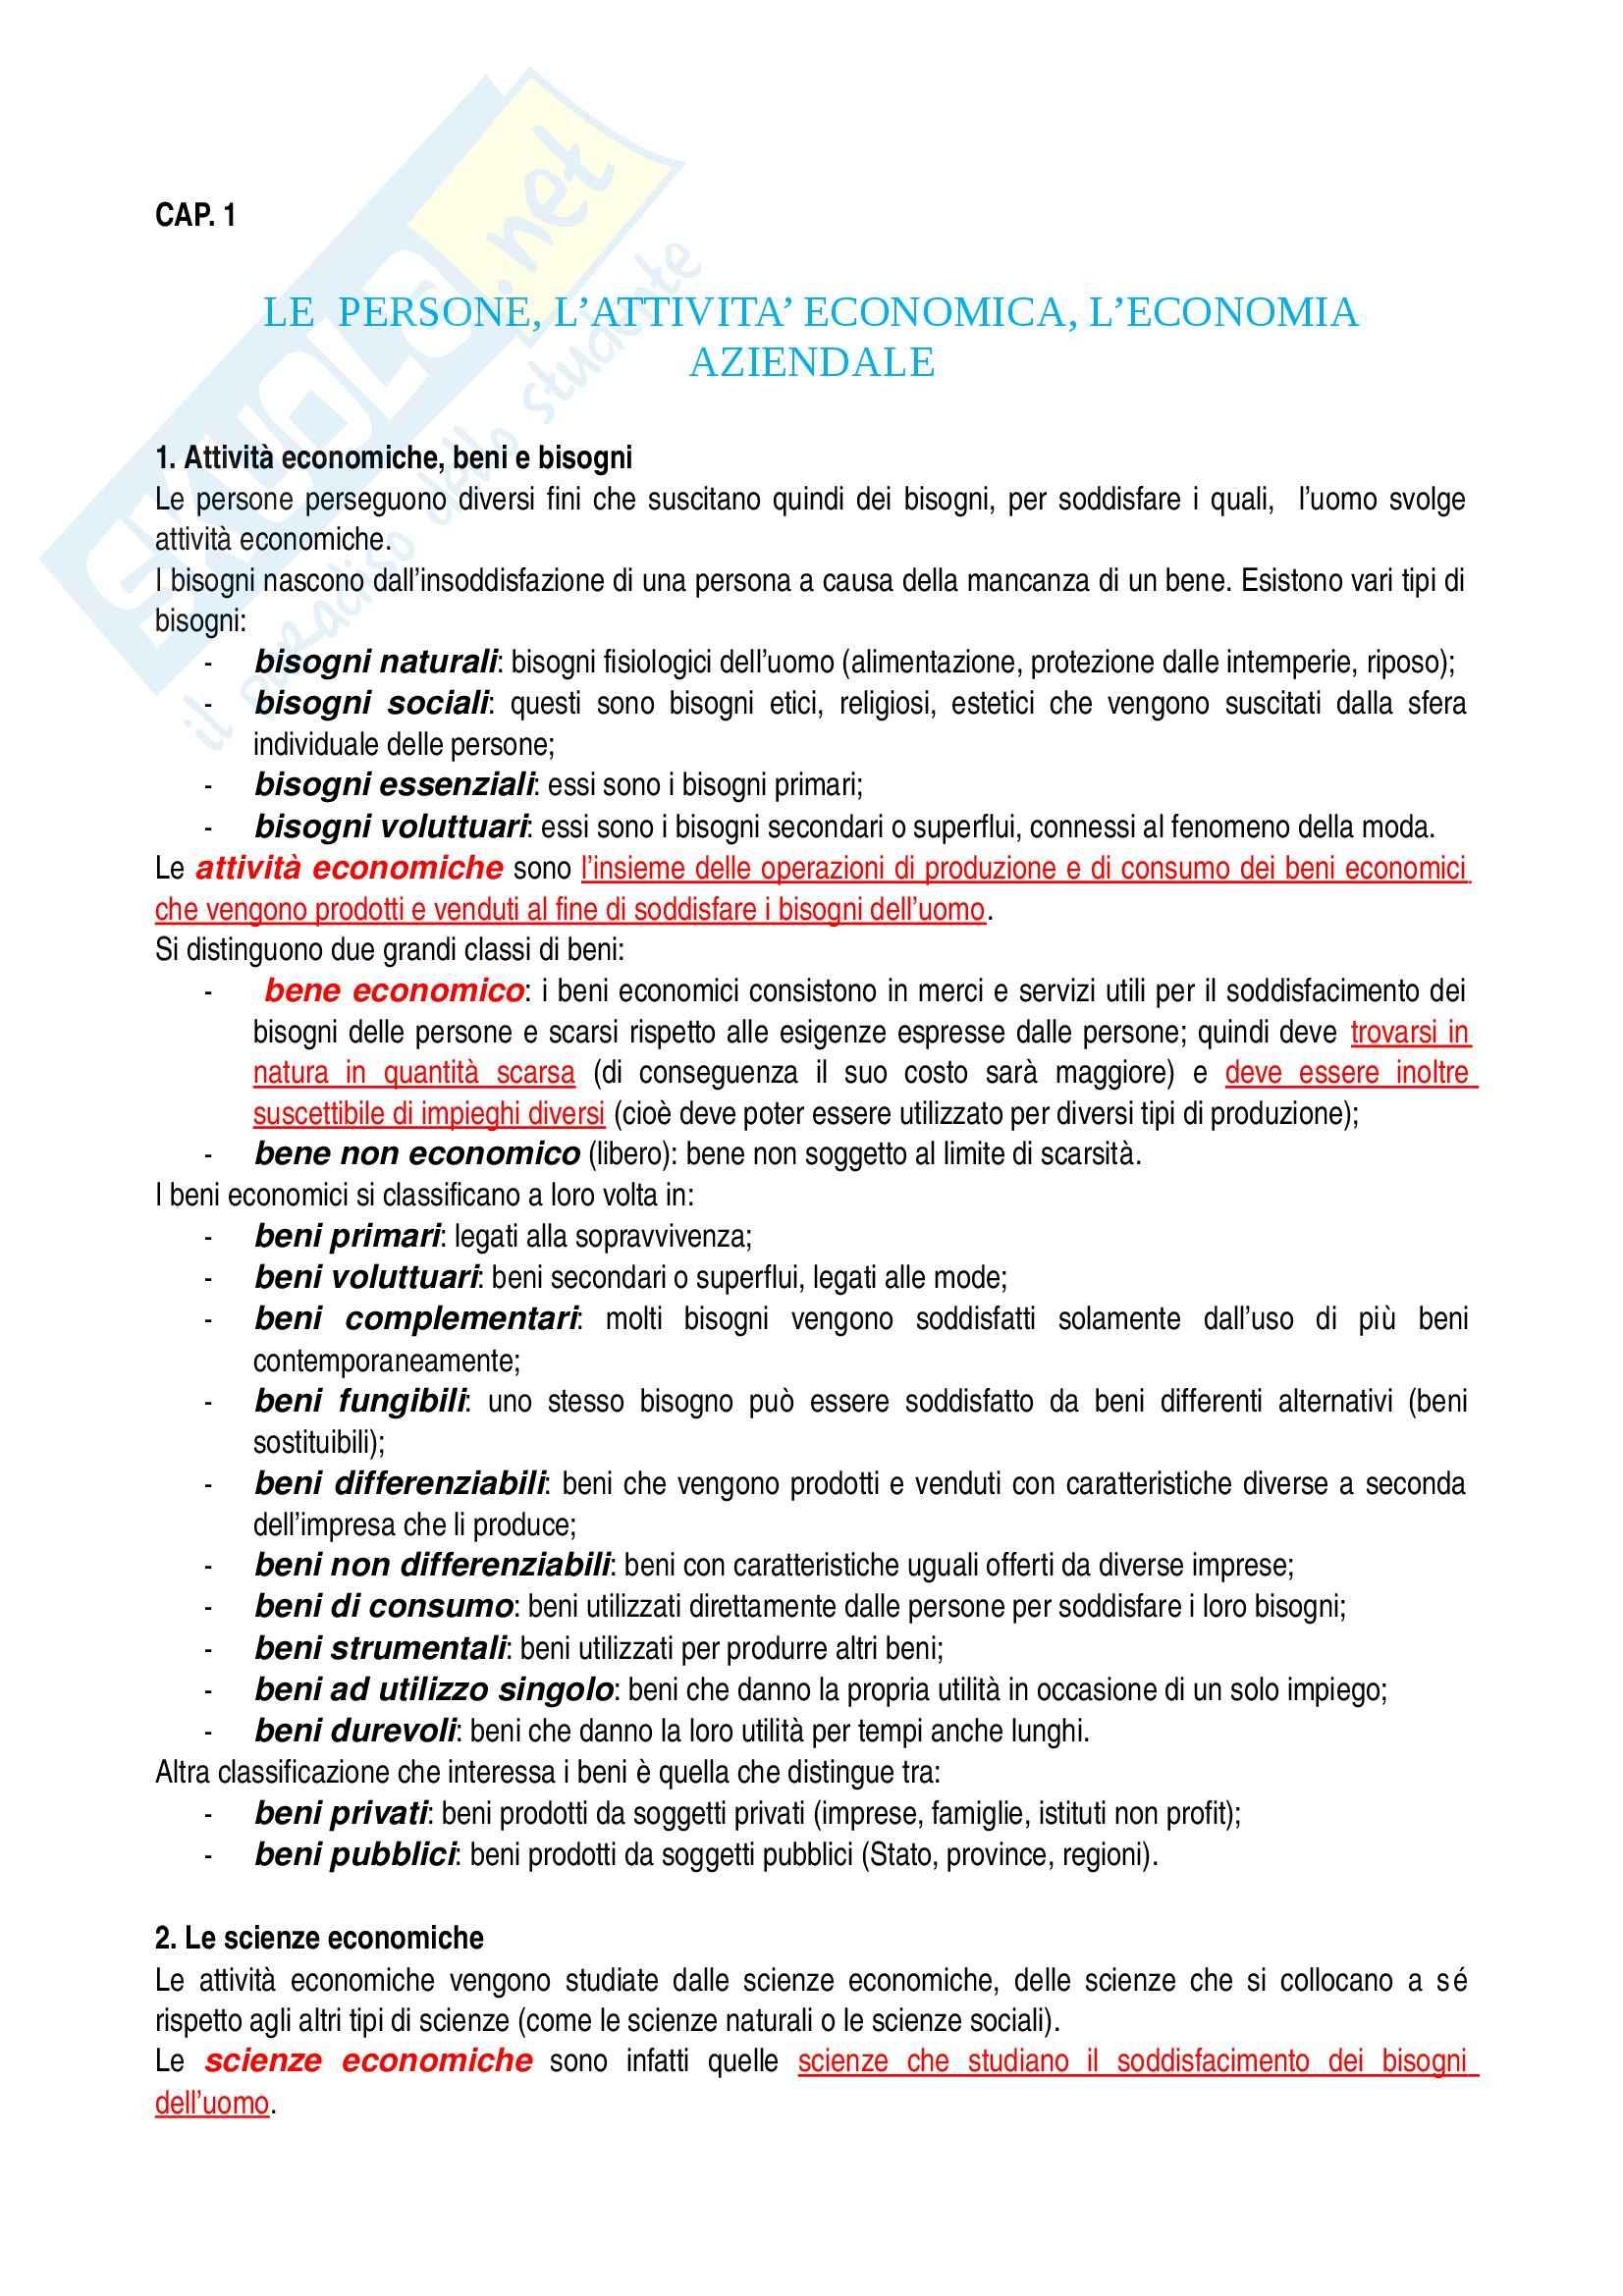 Riassunto esame Economia aziendale, prof. Confalonieri, libro consigliato Corso di economia aziendale, Airoldi, Brunetti, Coda